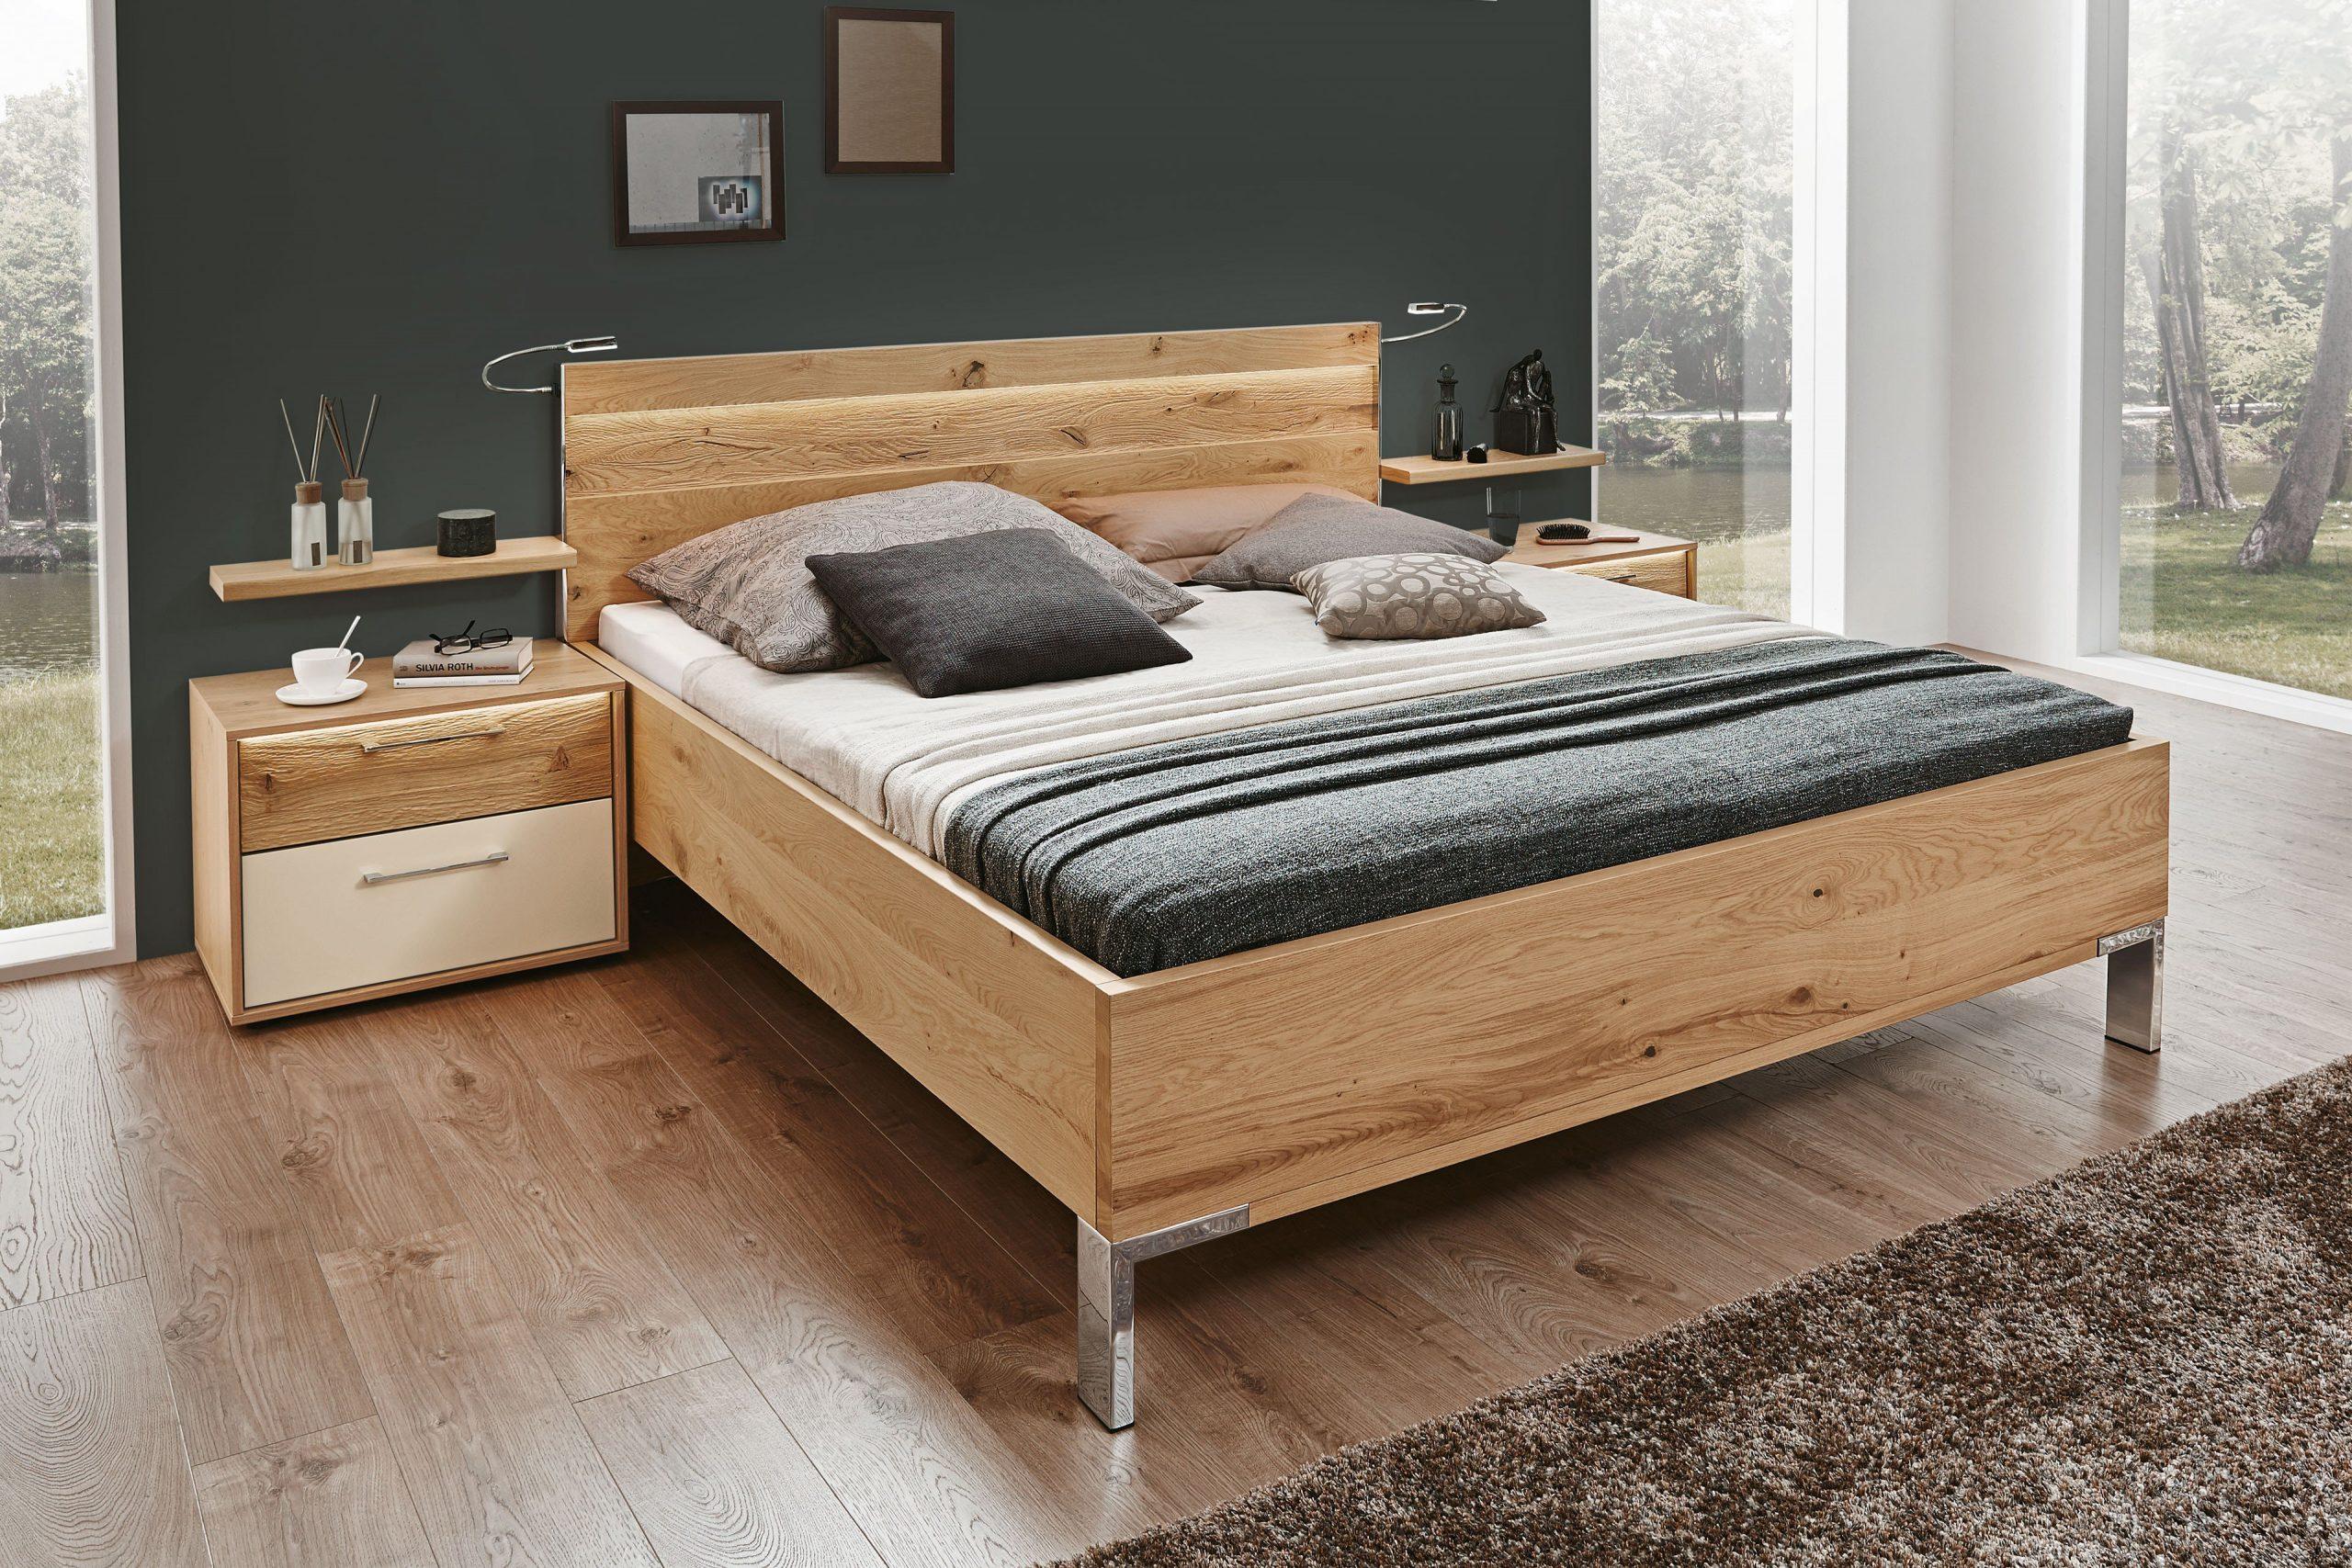 Full Size of Bett 140x200 Disselkamp Cadiz Doppelbett Cm Furnier Mbel Letz Ihr Günstig Kaufen Weißes Luxus Paradies Betten Rauch 200x200 Hülsta 100x200 Großes Bett Bett 140x200